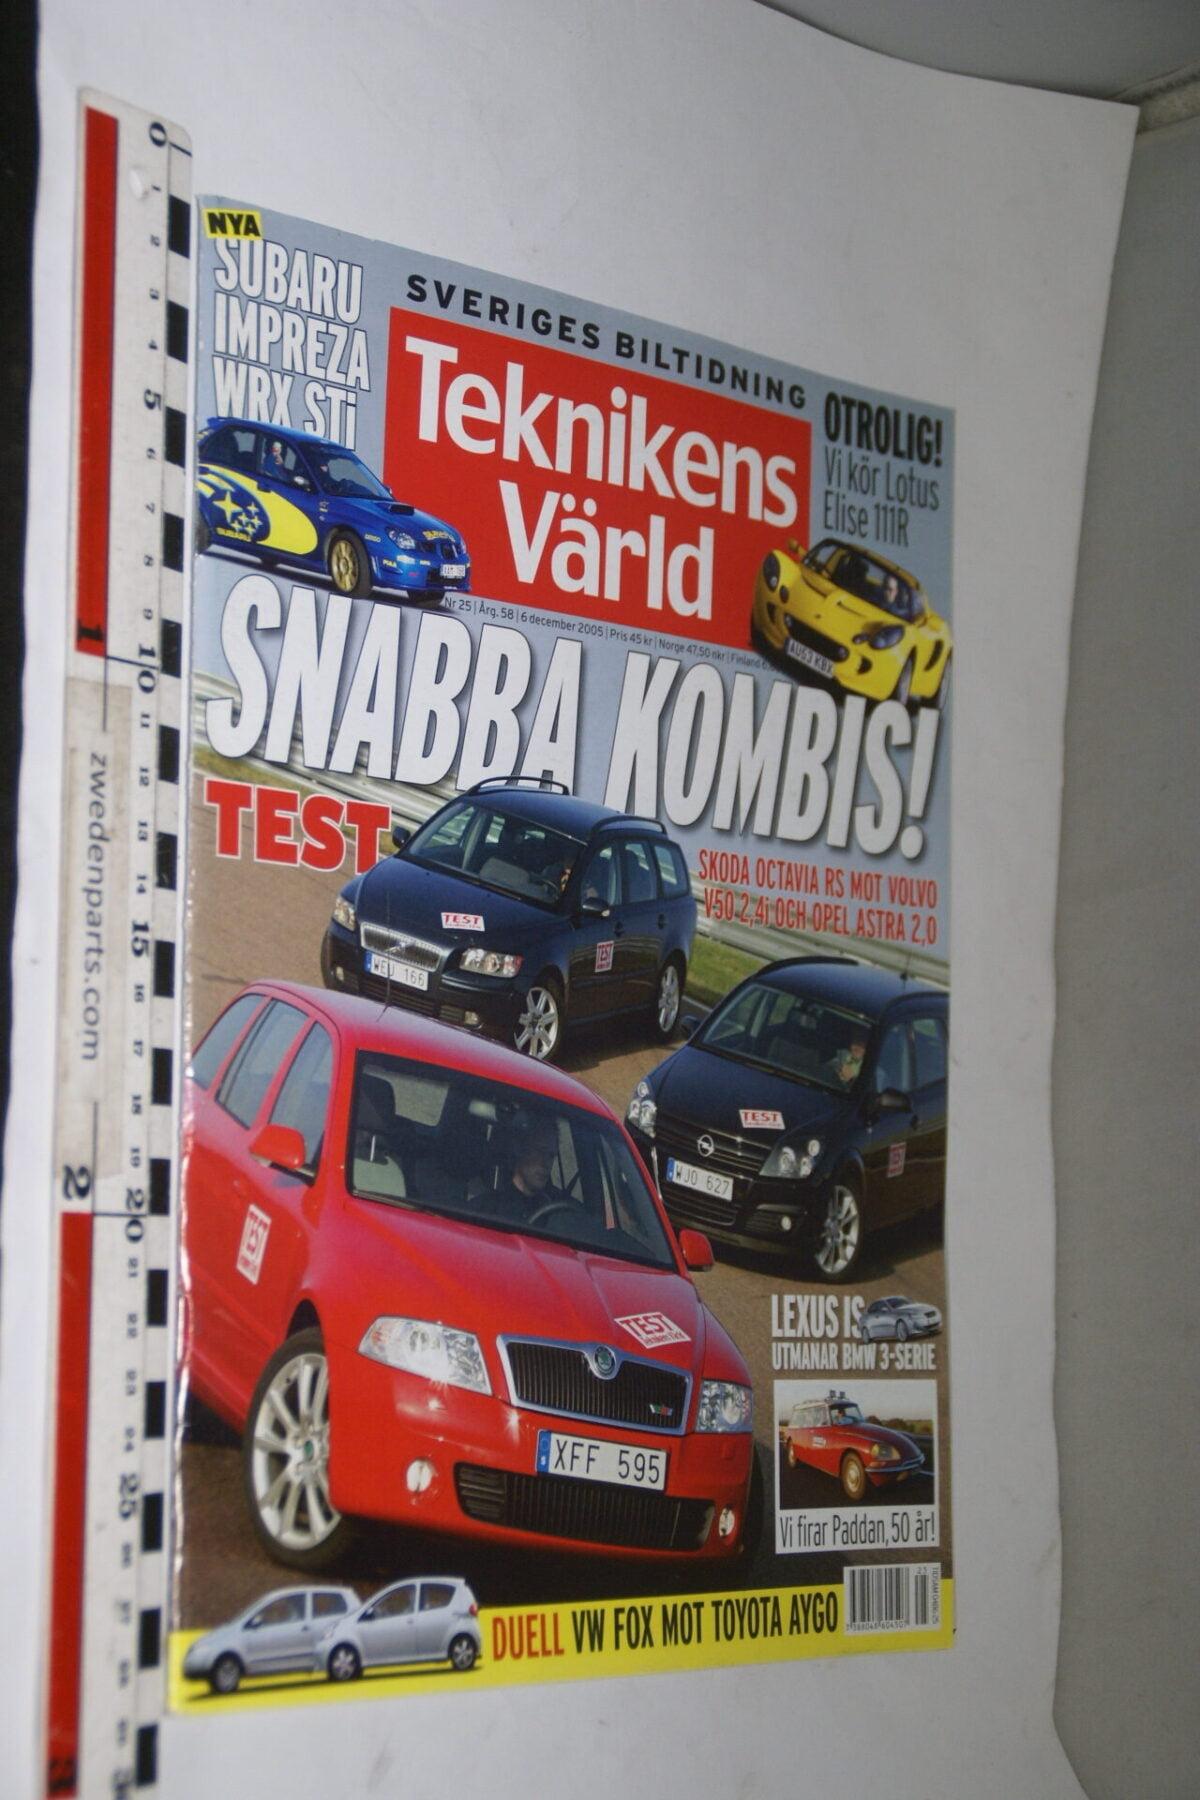 DSC08072 tijdschrift Teknikens Värld 6 december 2005, Svenska-30545779